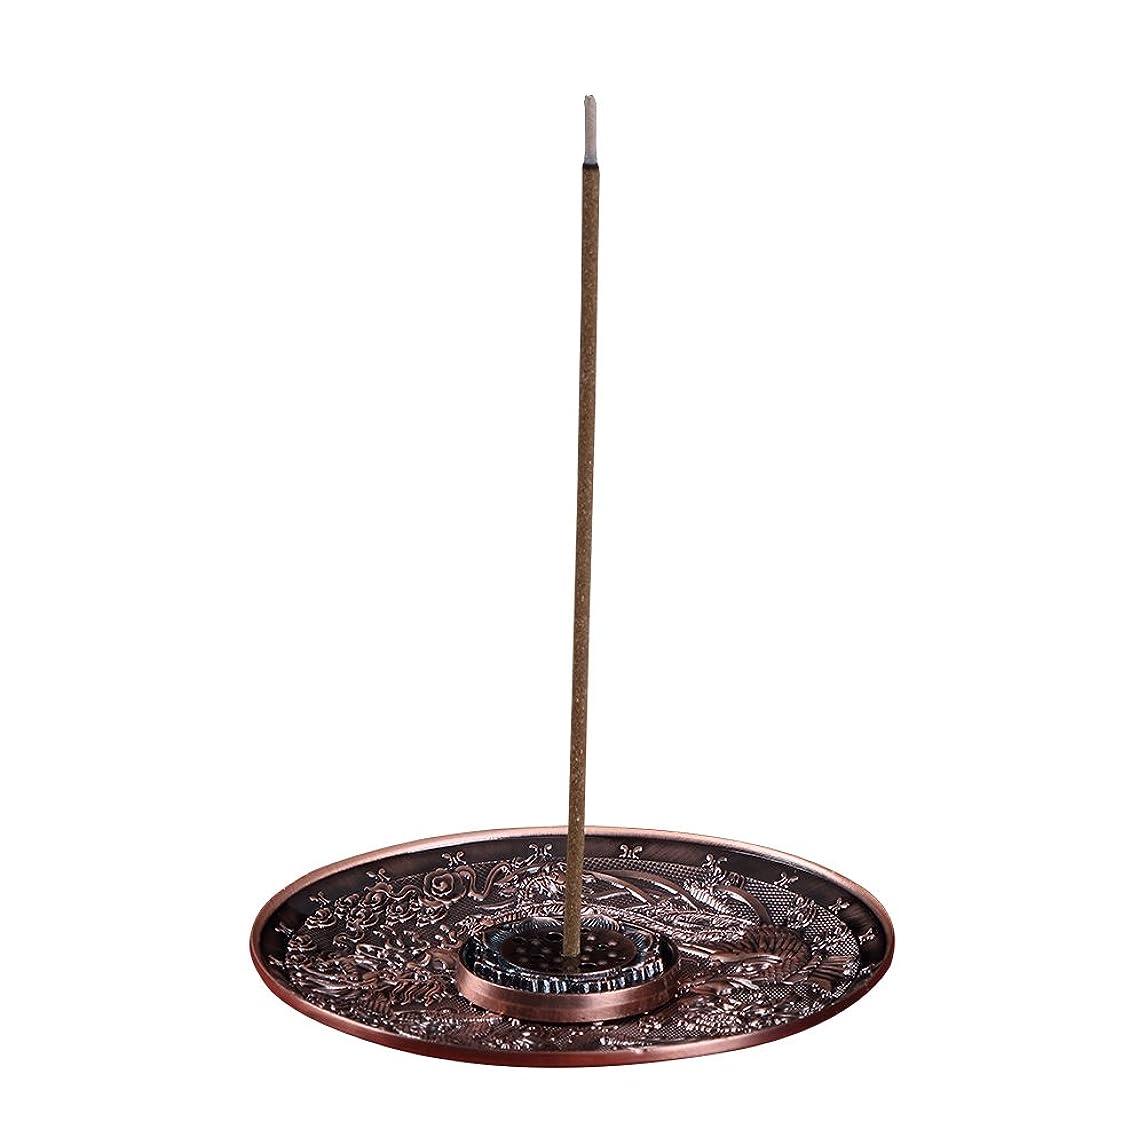 市の中心部現代のひばり善本堂(ぜんほんどう)香炉 香立て お香用具 お線香用可 アロマ香炉 竜と鳳凰銅雕